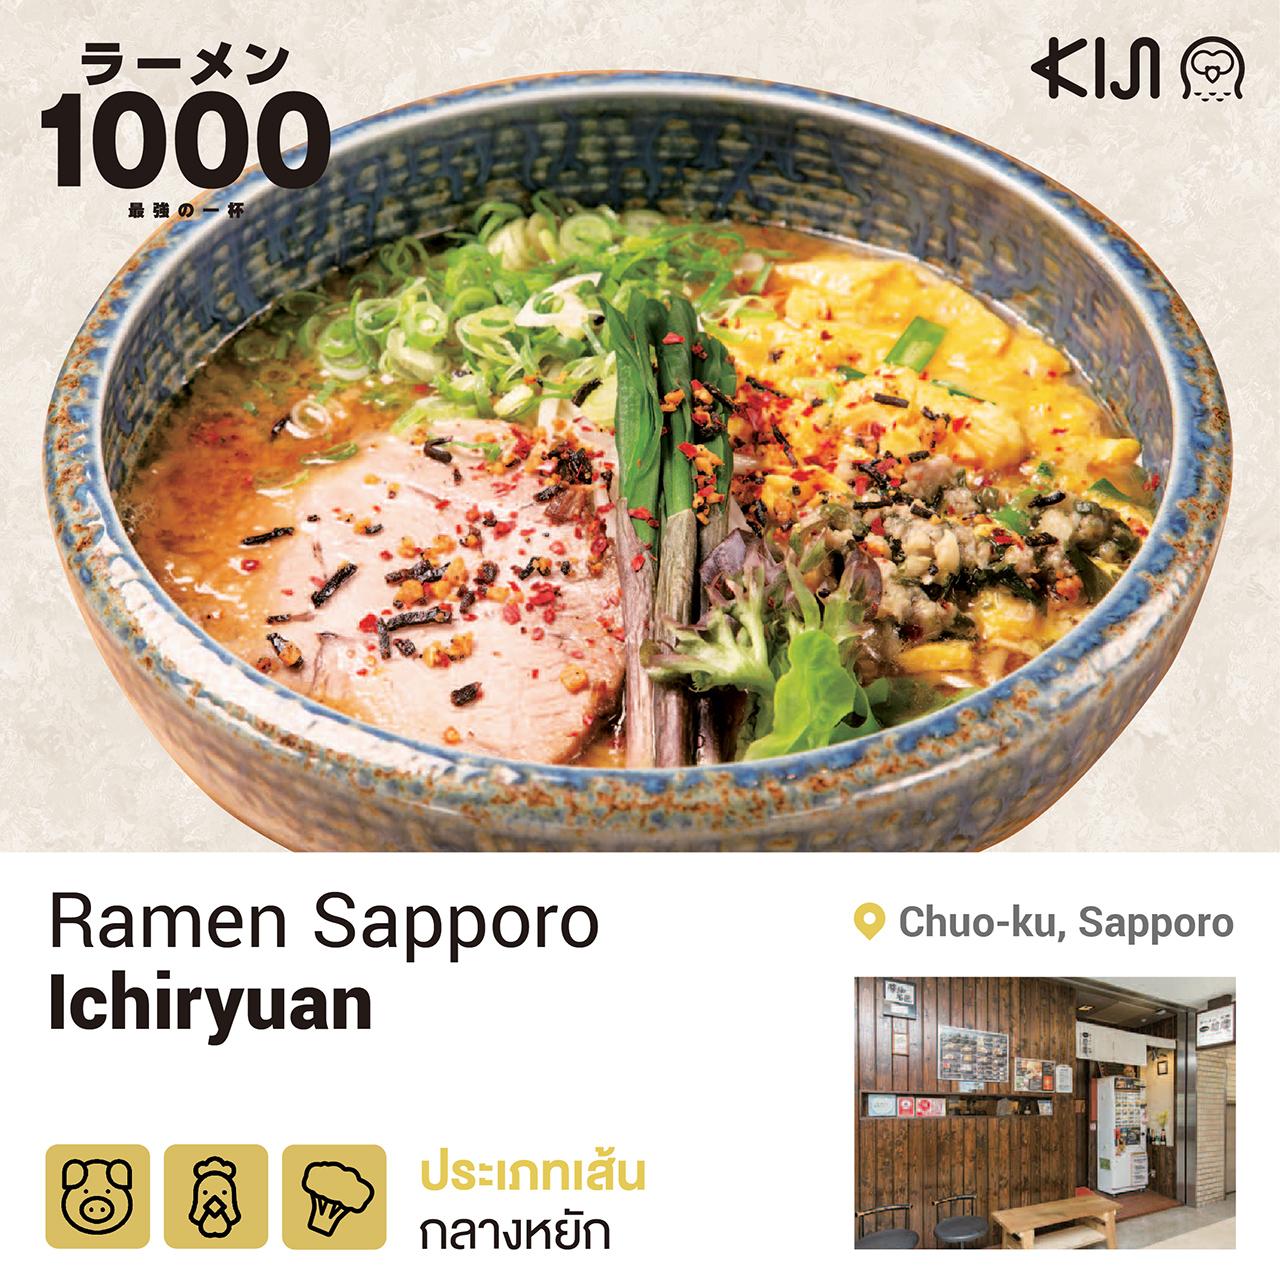 ร้านราเมน เขตชูโอ เมืองซัปโปโร จ.ฮอกไกโด - Ramen Sapporo Ichiryuan